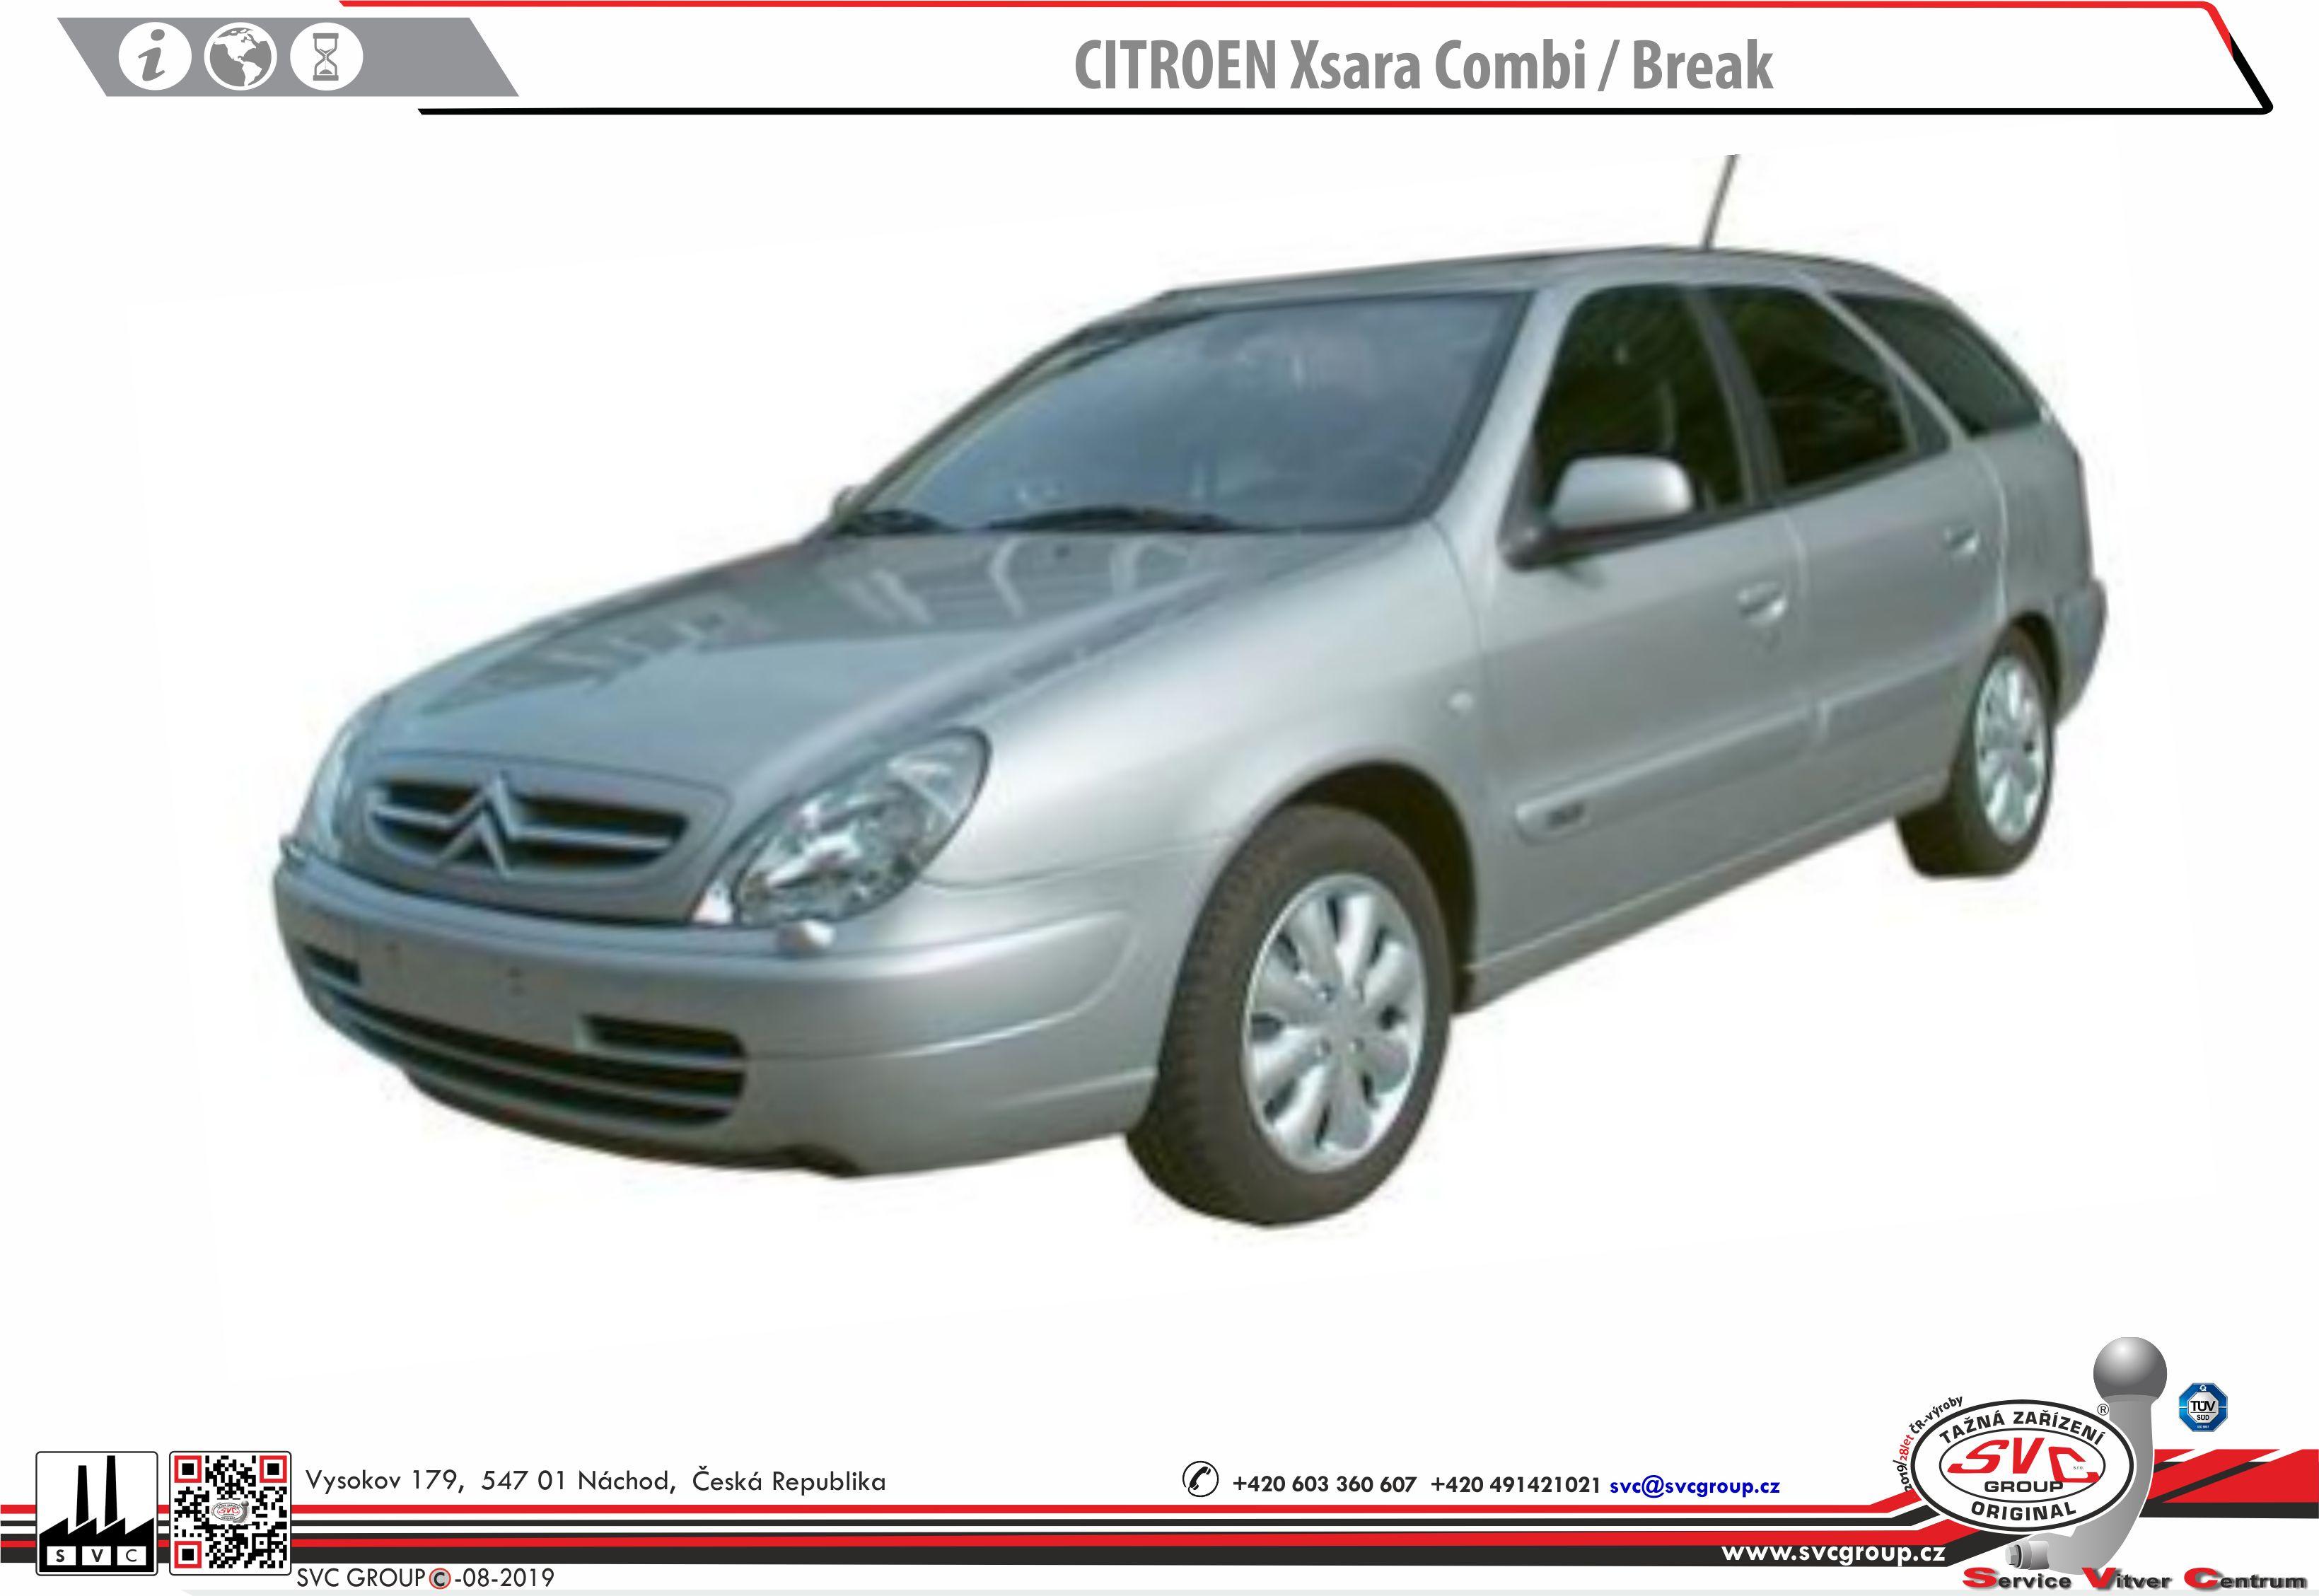 Citroën Xsara Kombi